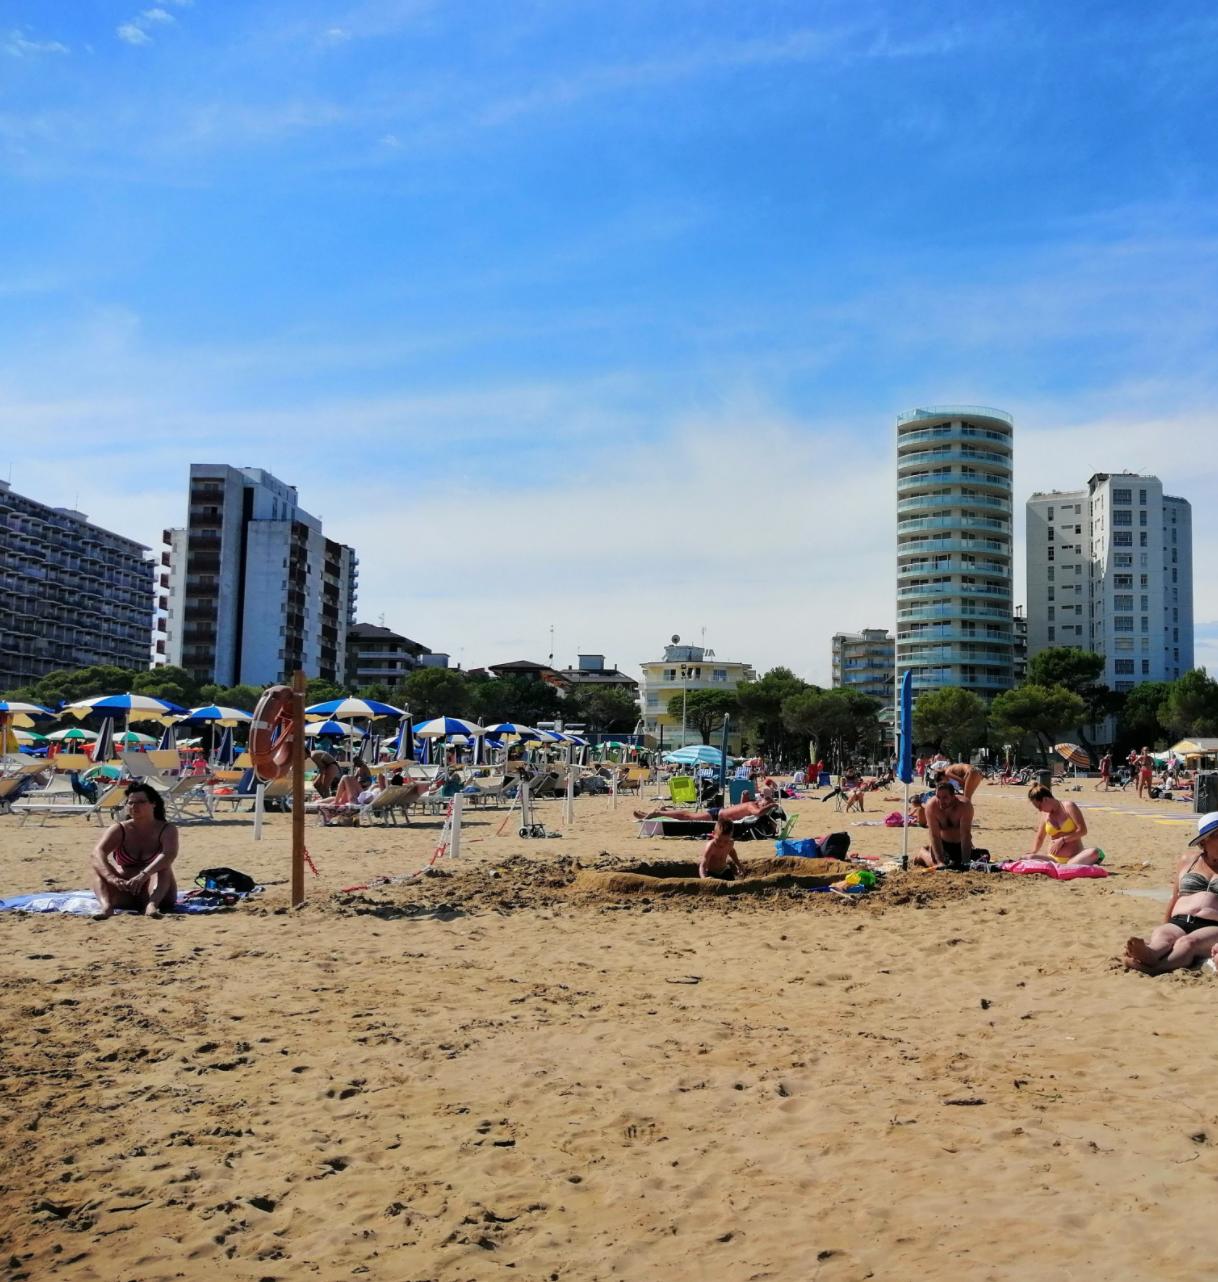 Ufficio Spiaggia 17 - Leone Marino